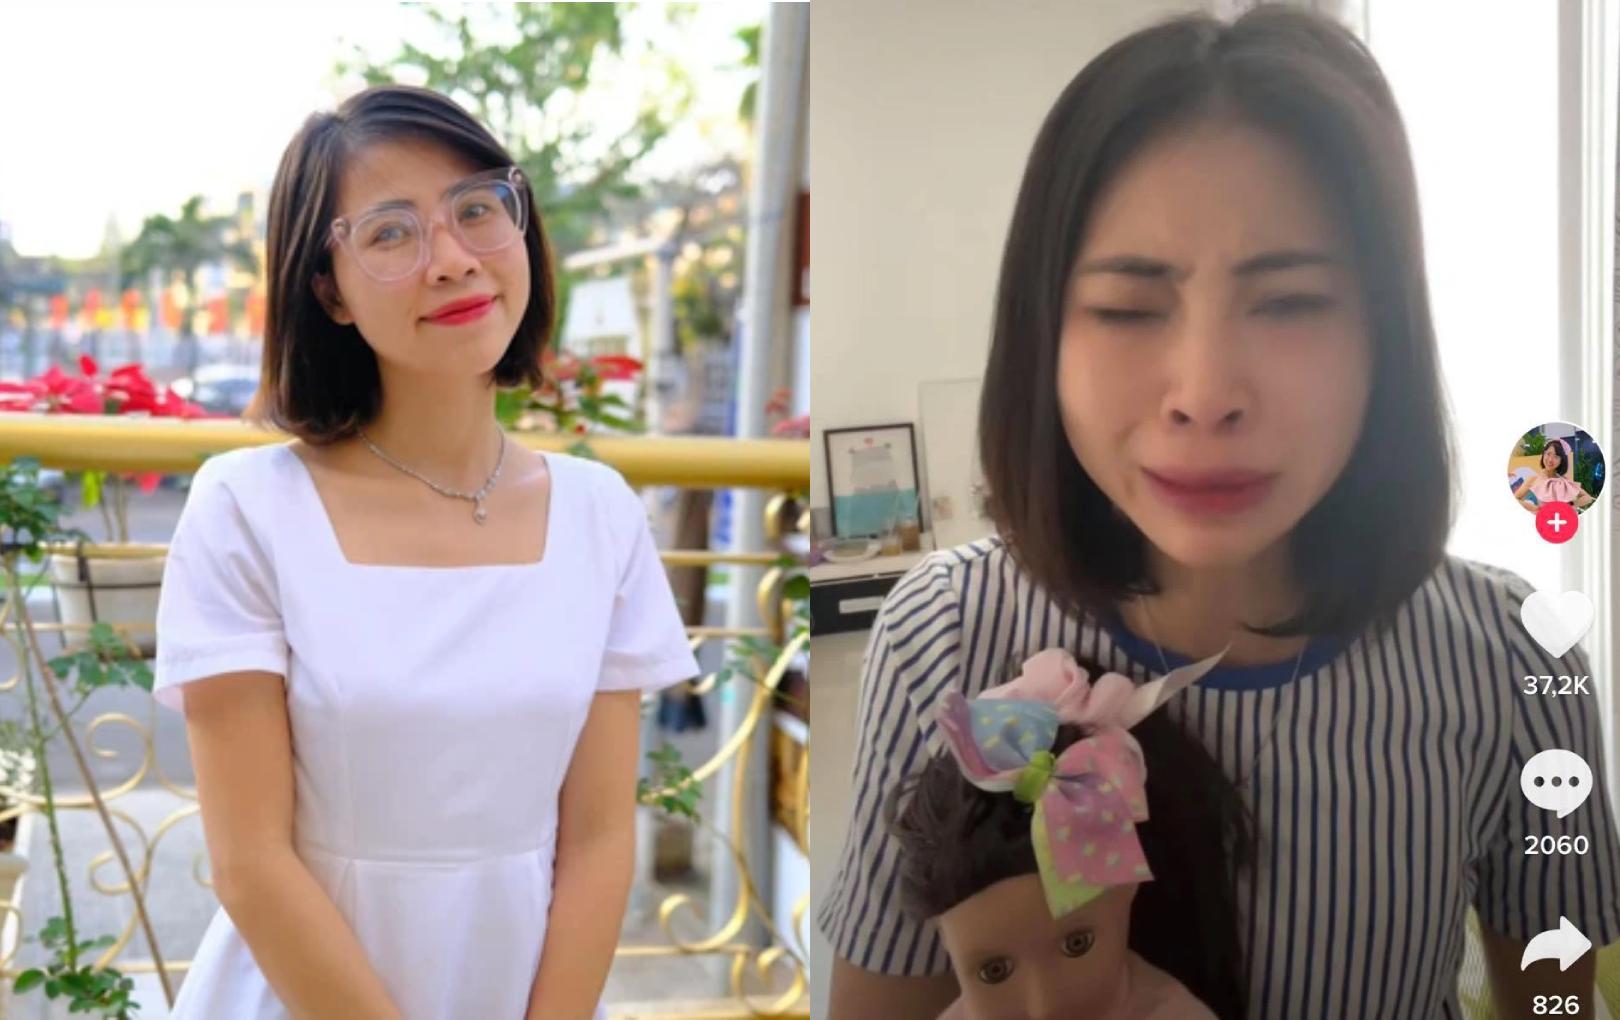 Thơ Nguyễn tuyên bố nghỉ làm YouTuber, khóc nức nở thanh minh về clip nói chuyện với búp bê